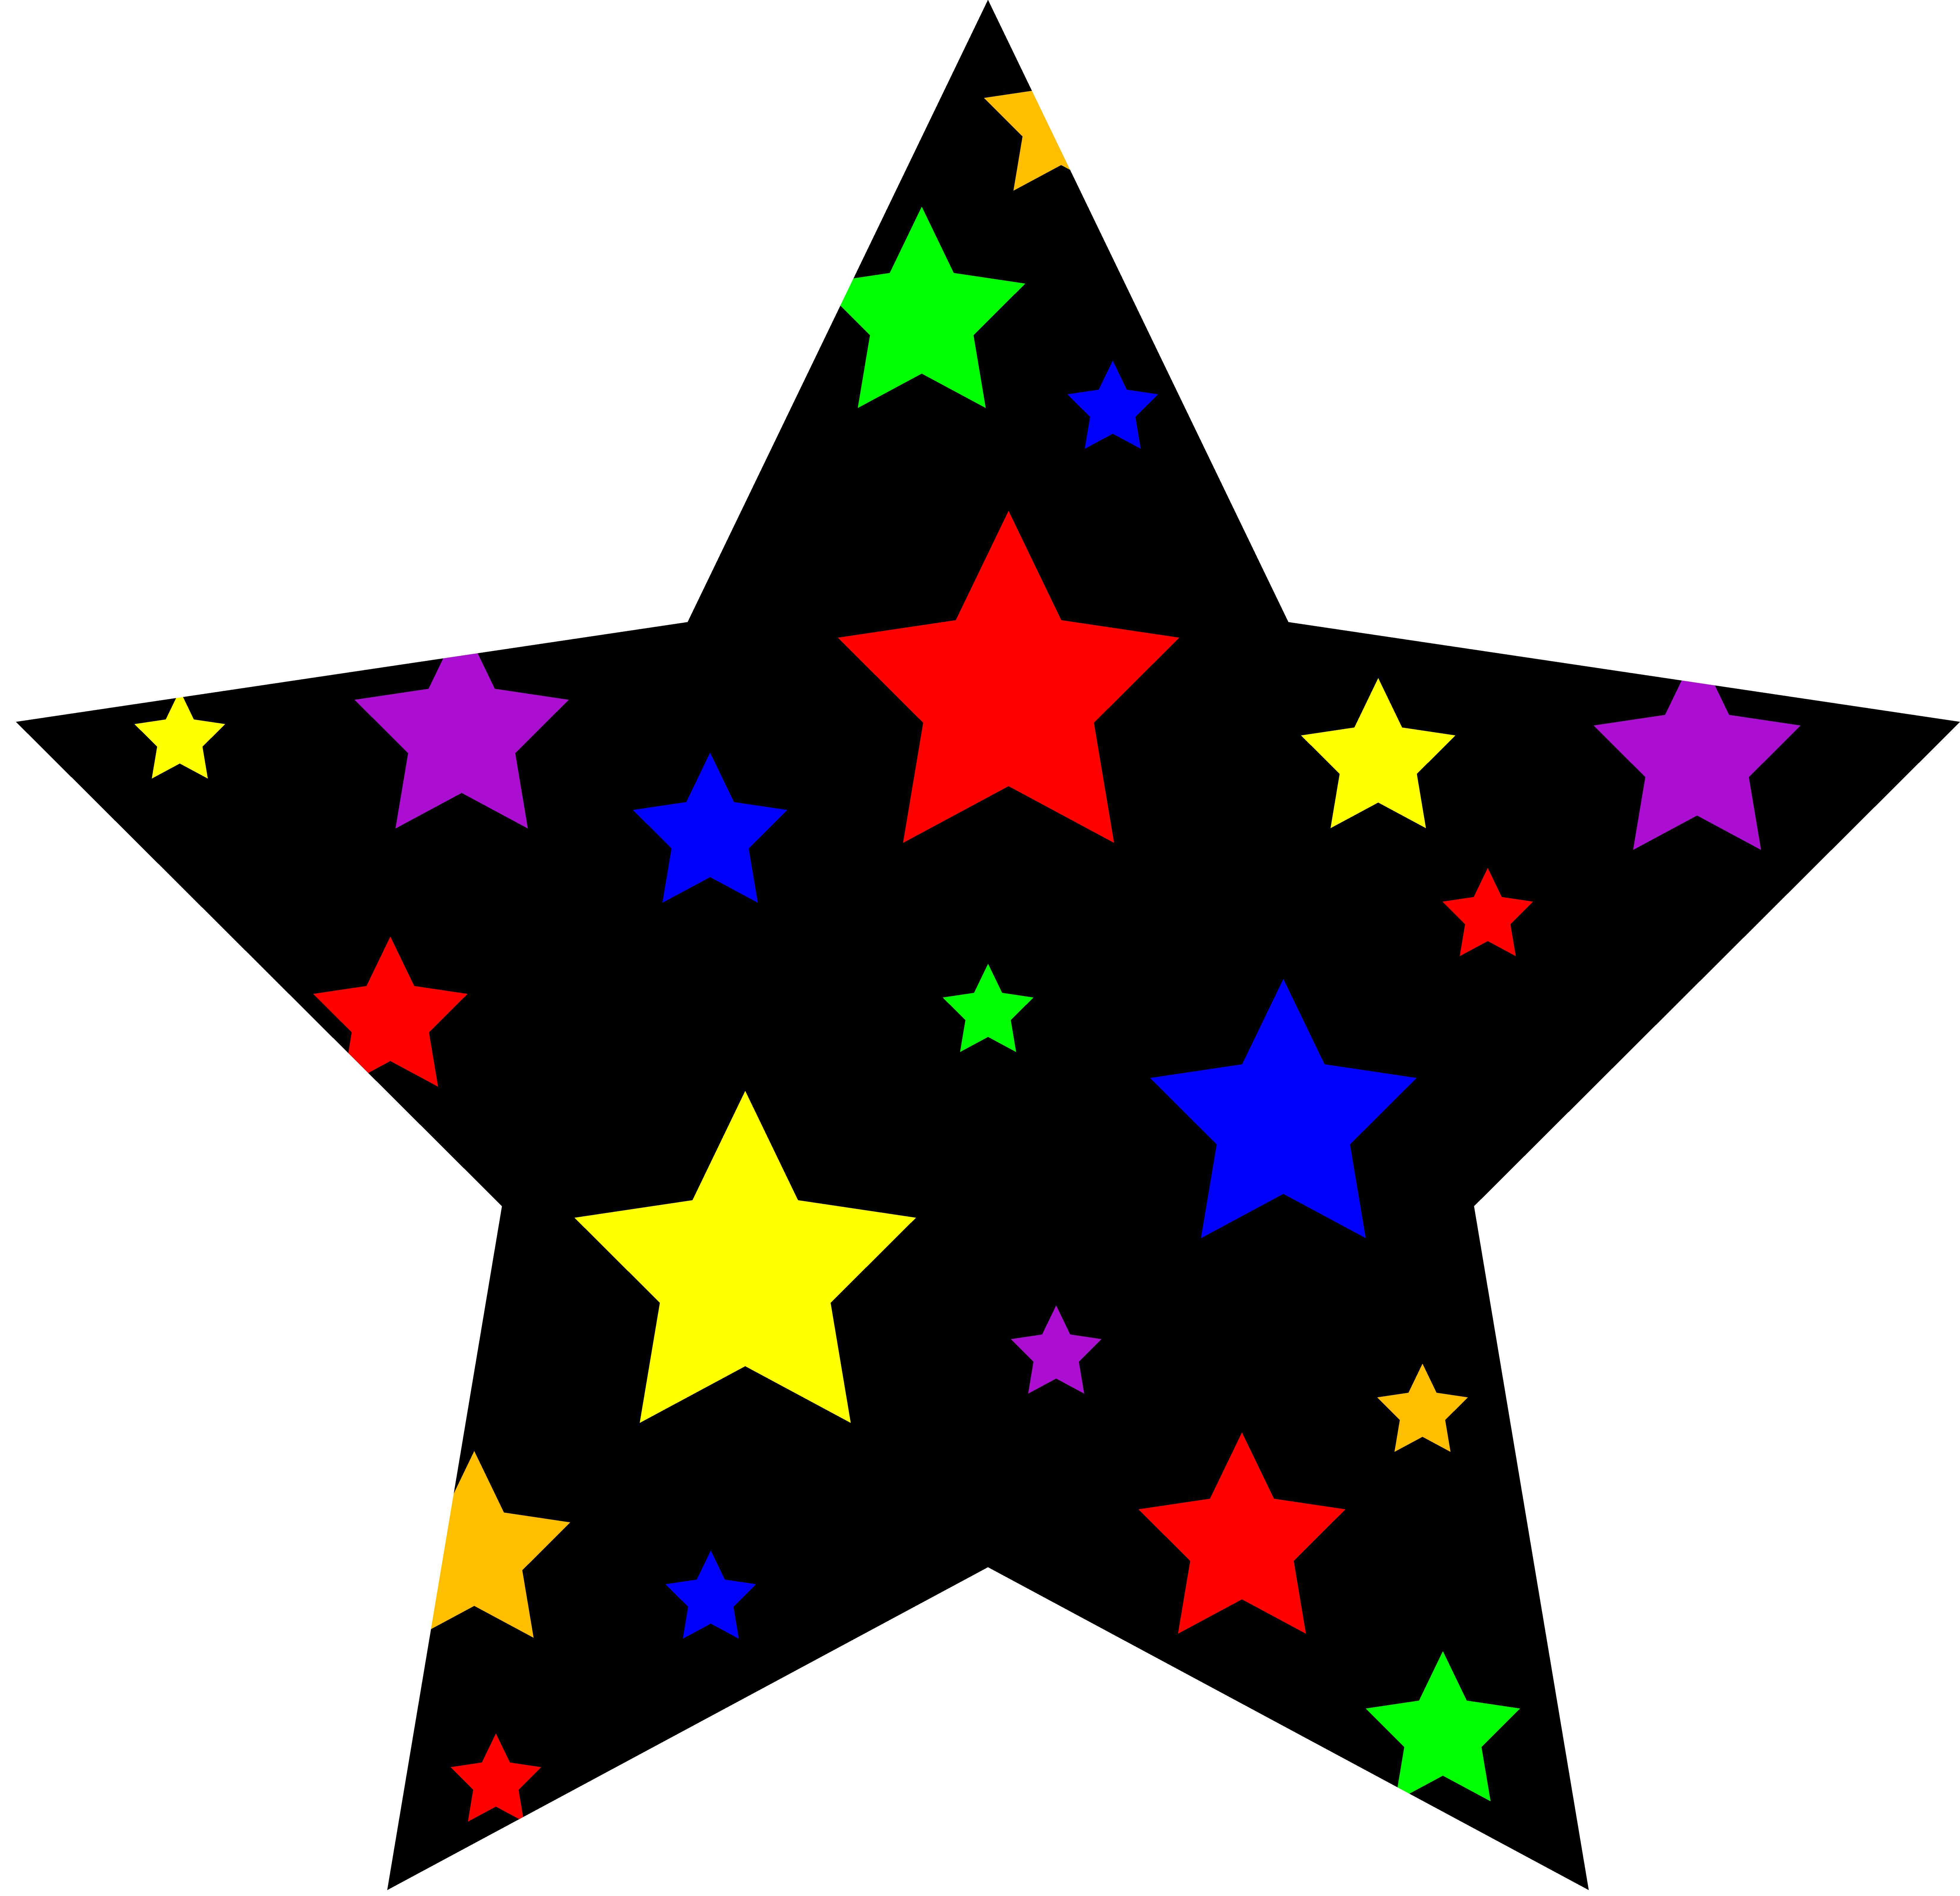 Stars for free gewinnspiel